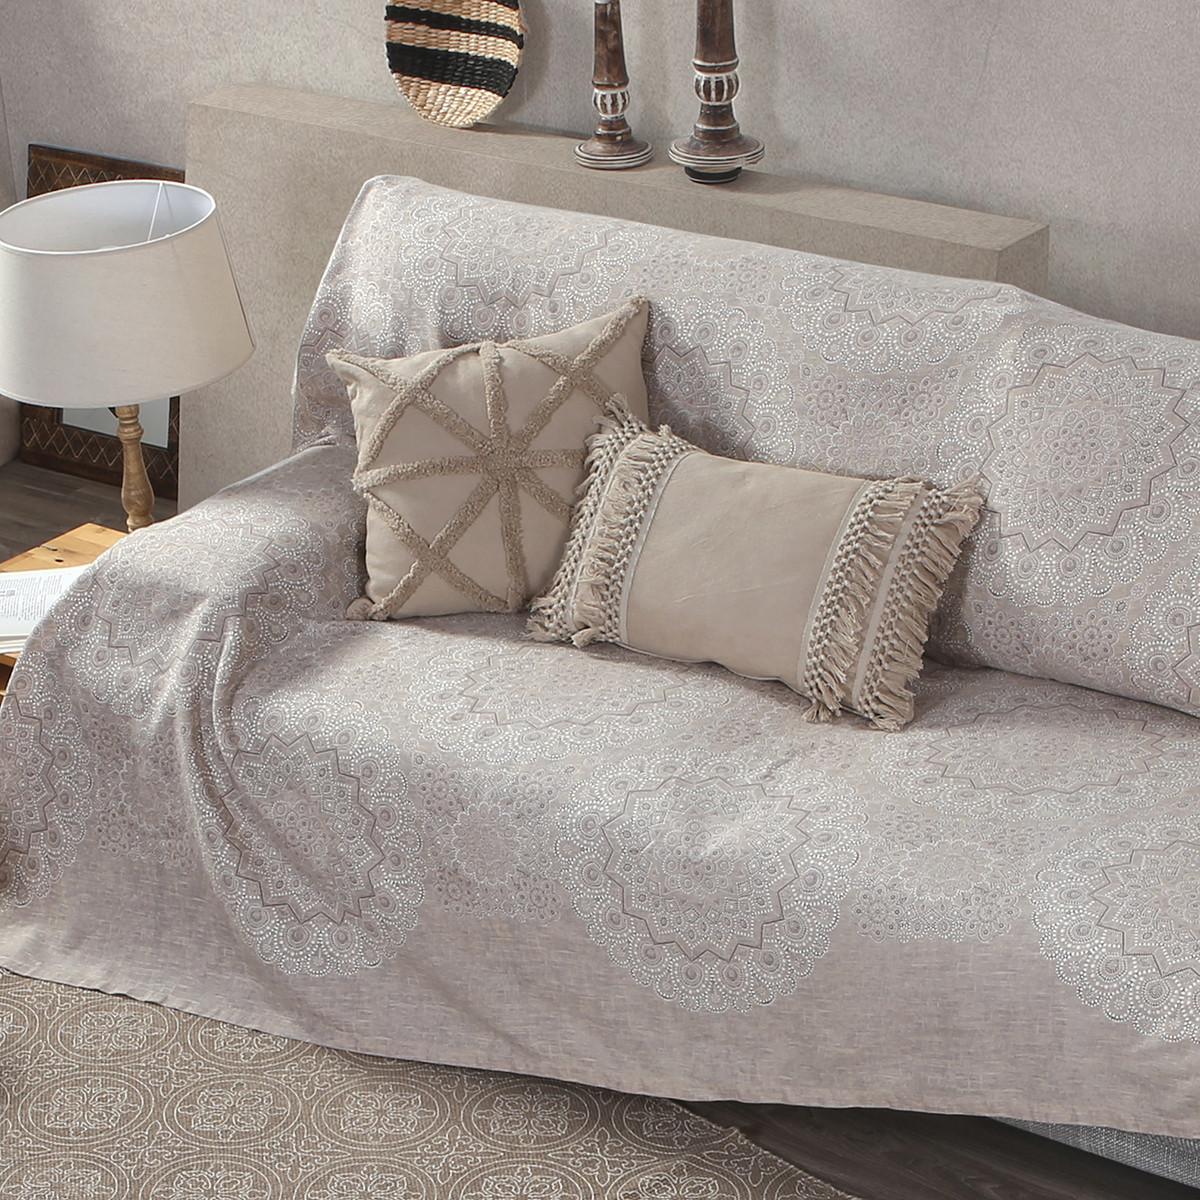 Ριχτάρι/Κουβερτόριο (250×250) Nef-Nef Bed&Sofa Dantelle Beige